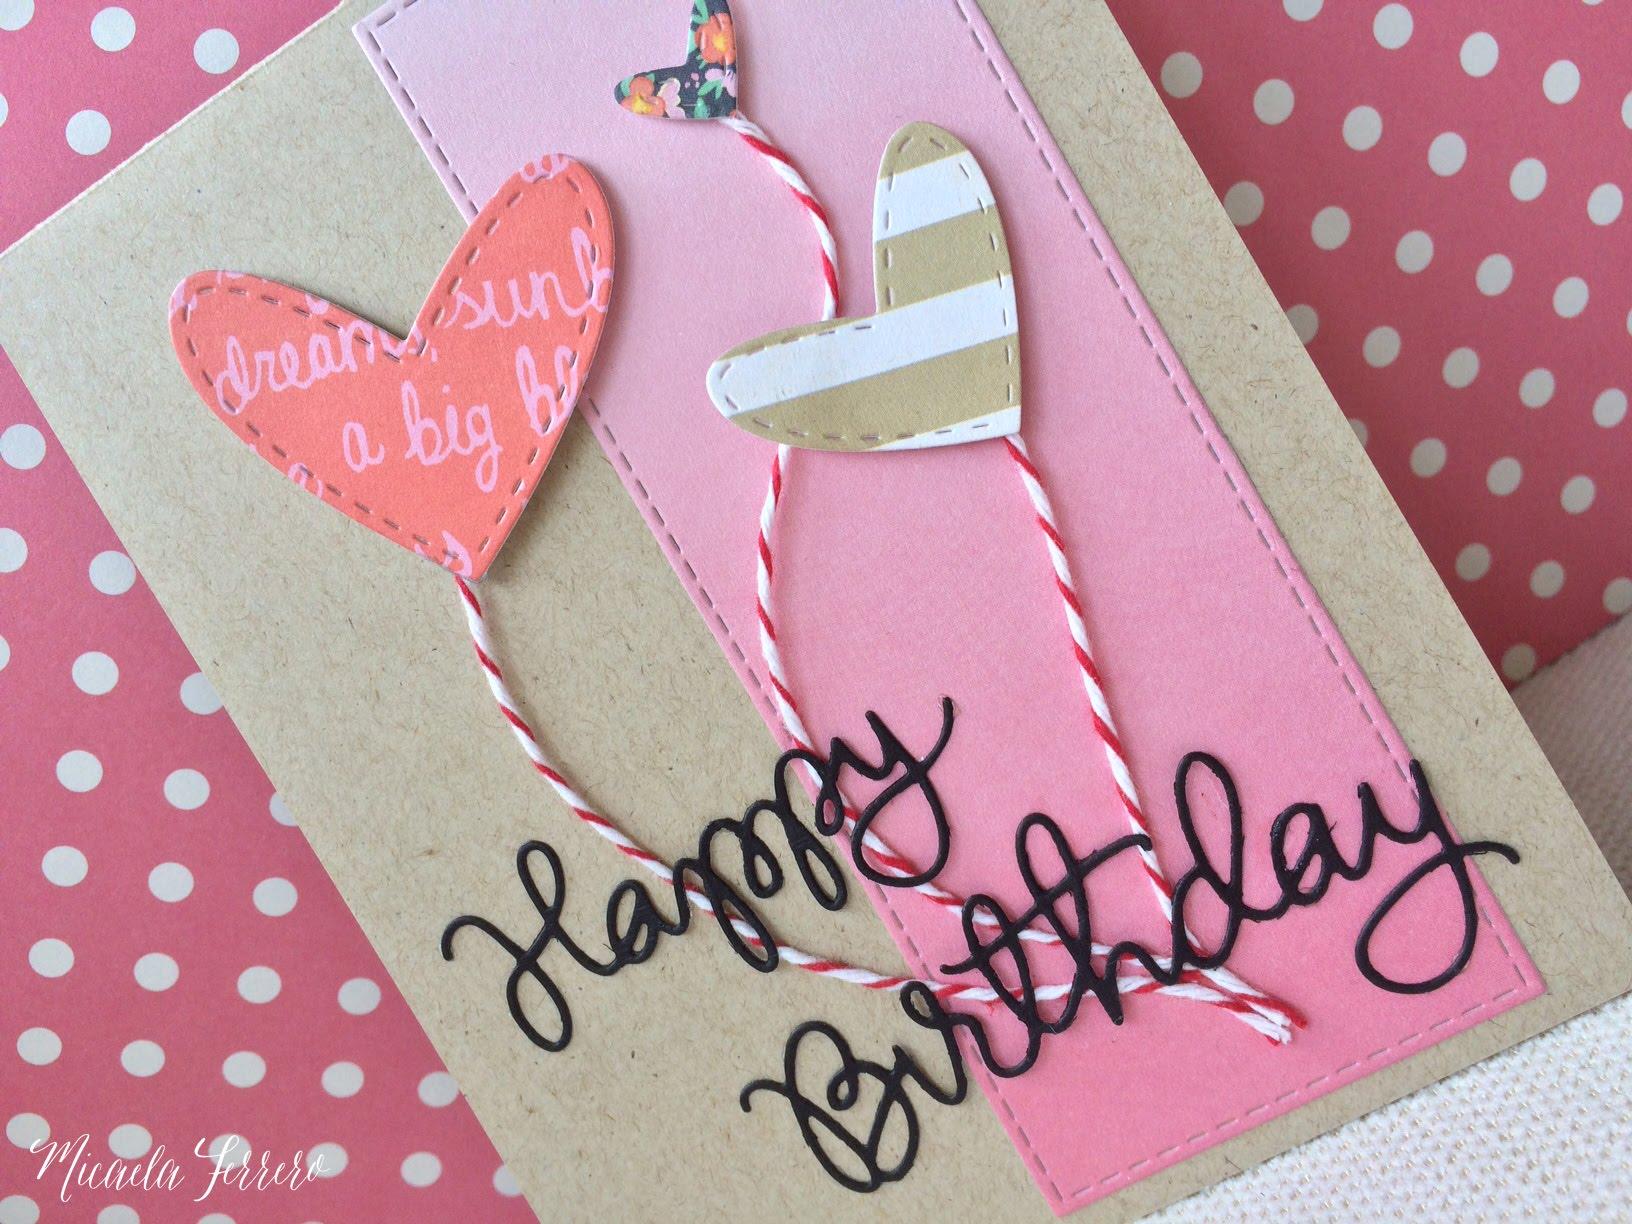 Mẫu thiệp sinh nhật cho anh trai đẹp kèm lời chúc ý nghĩa 2